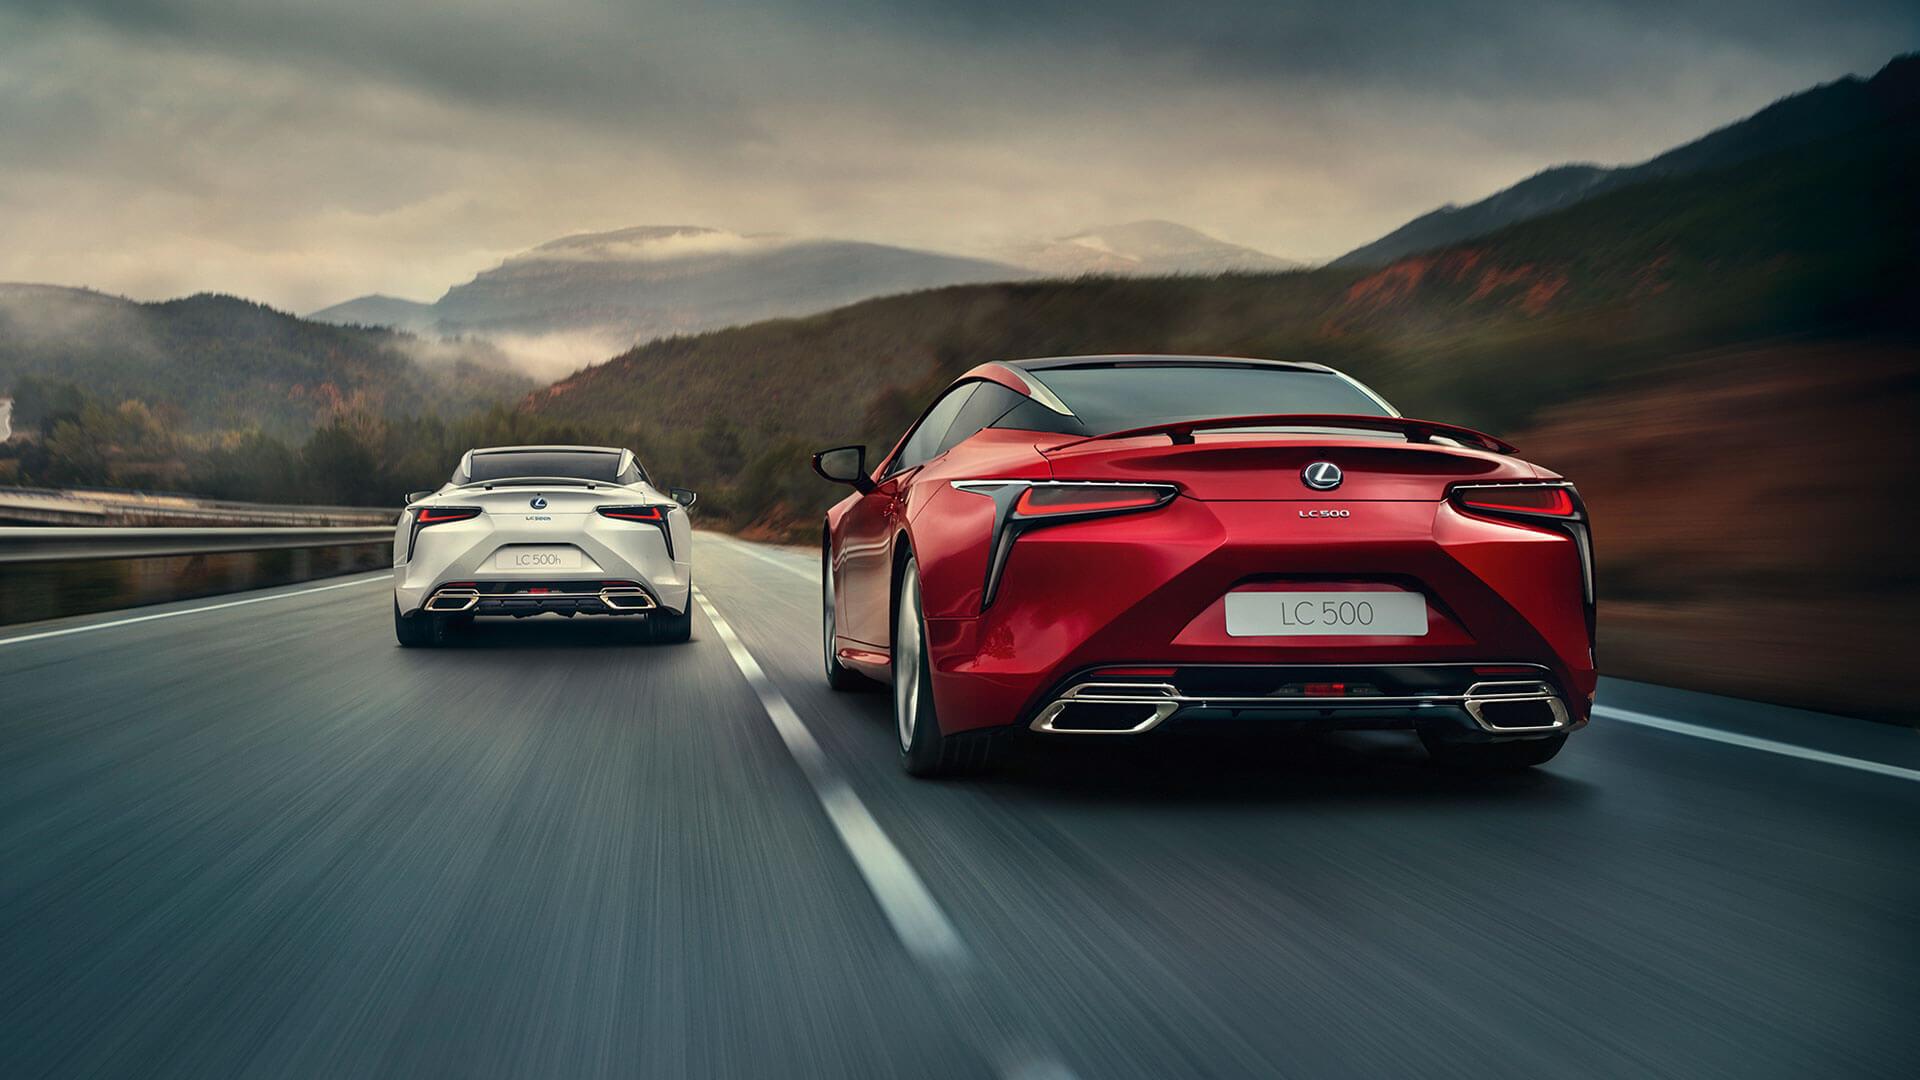 Lexus LC rot und silber auf Straße